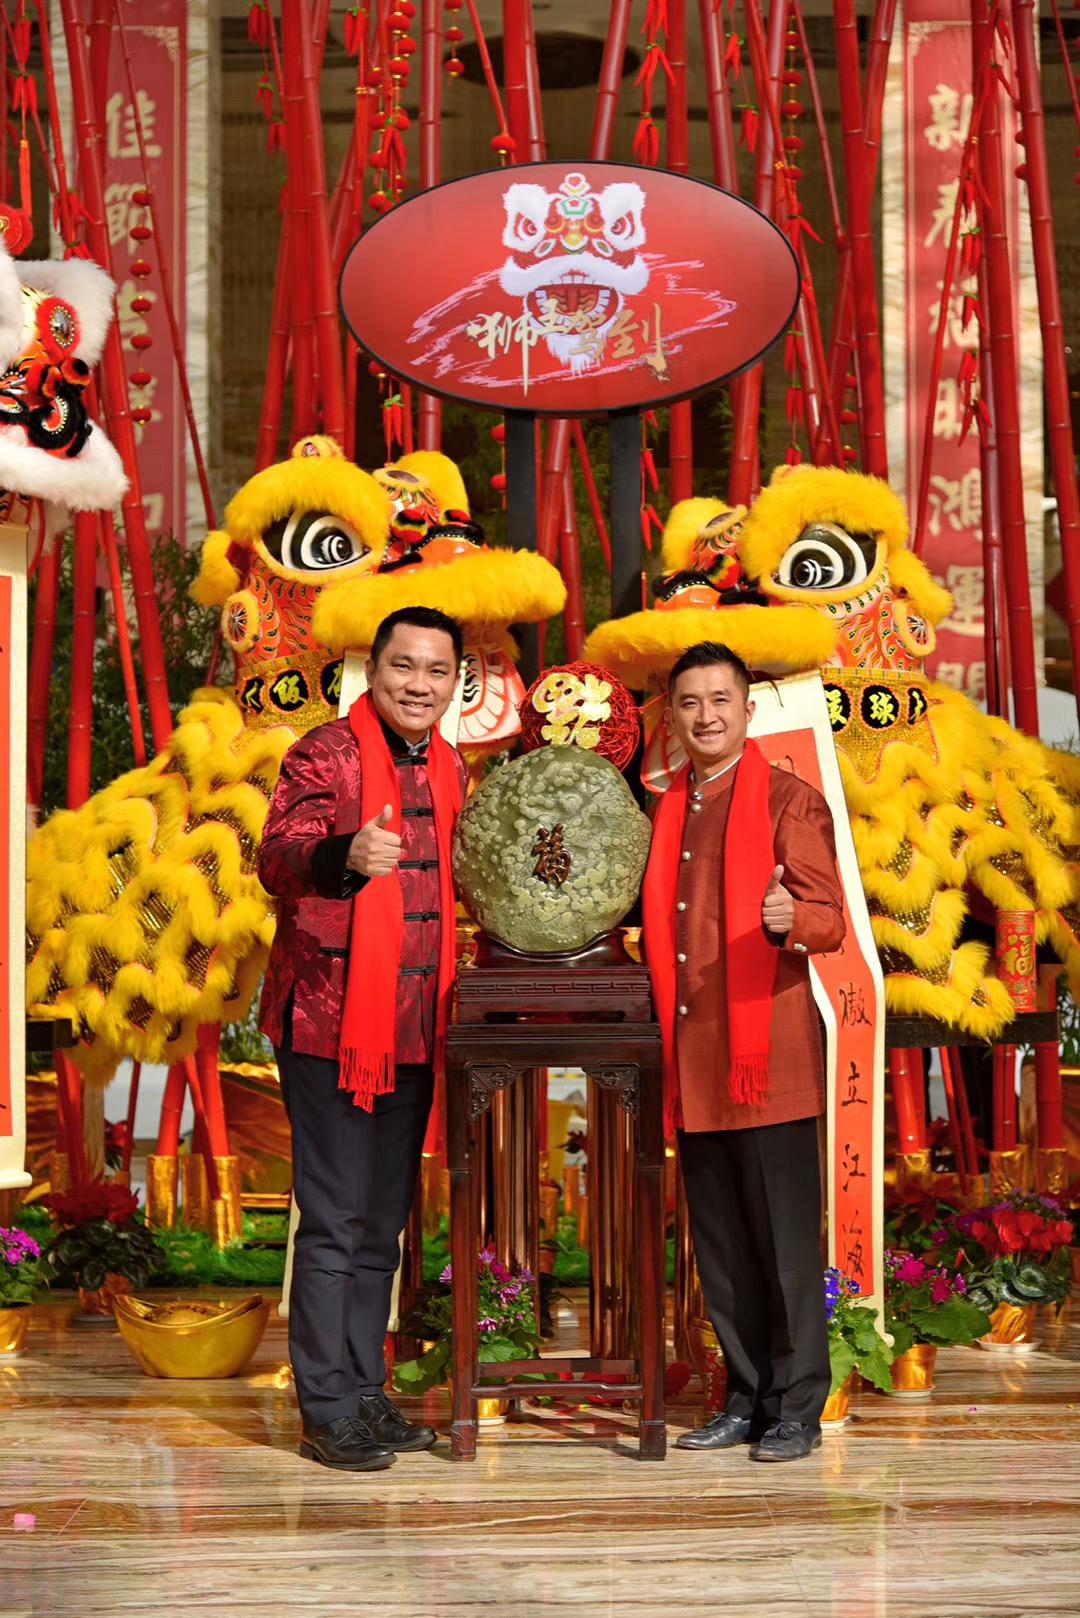 狮王争霸·新春送福 成都环球中心天堂洲际大饭